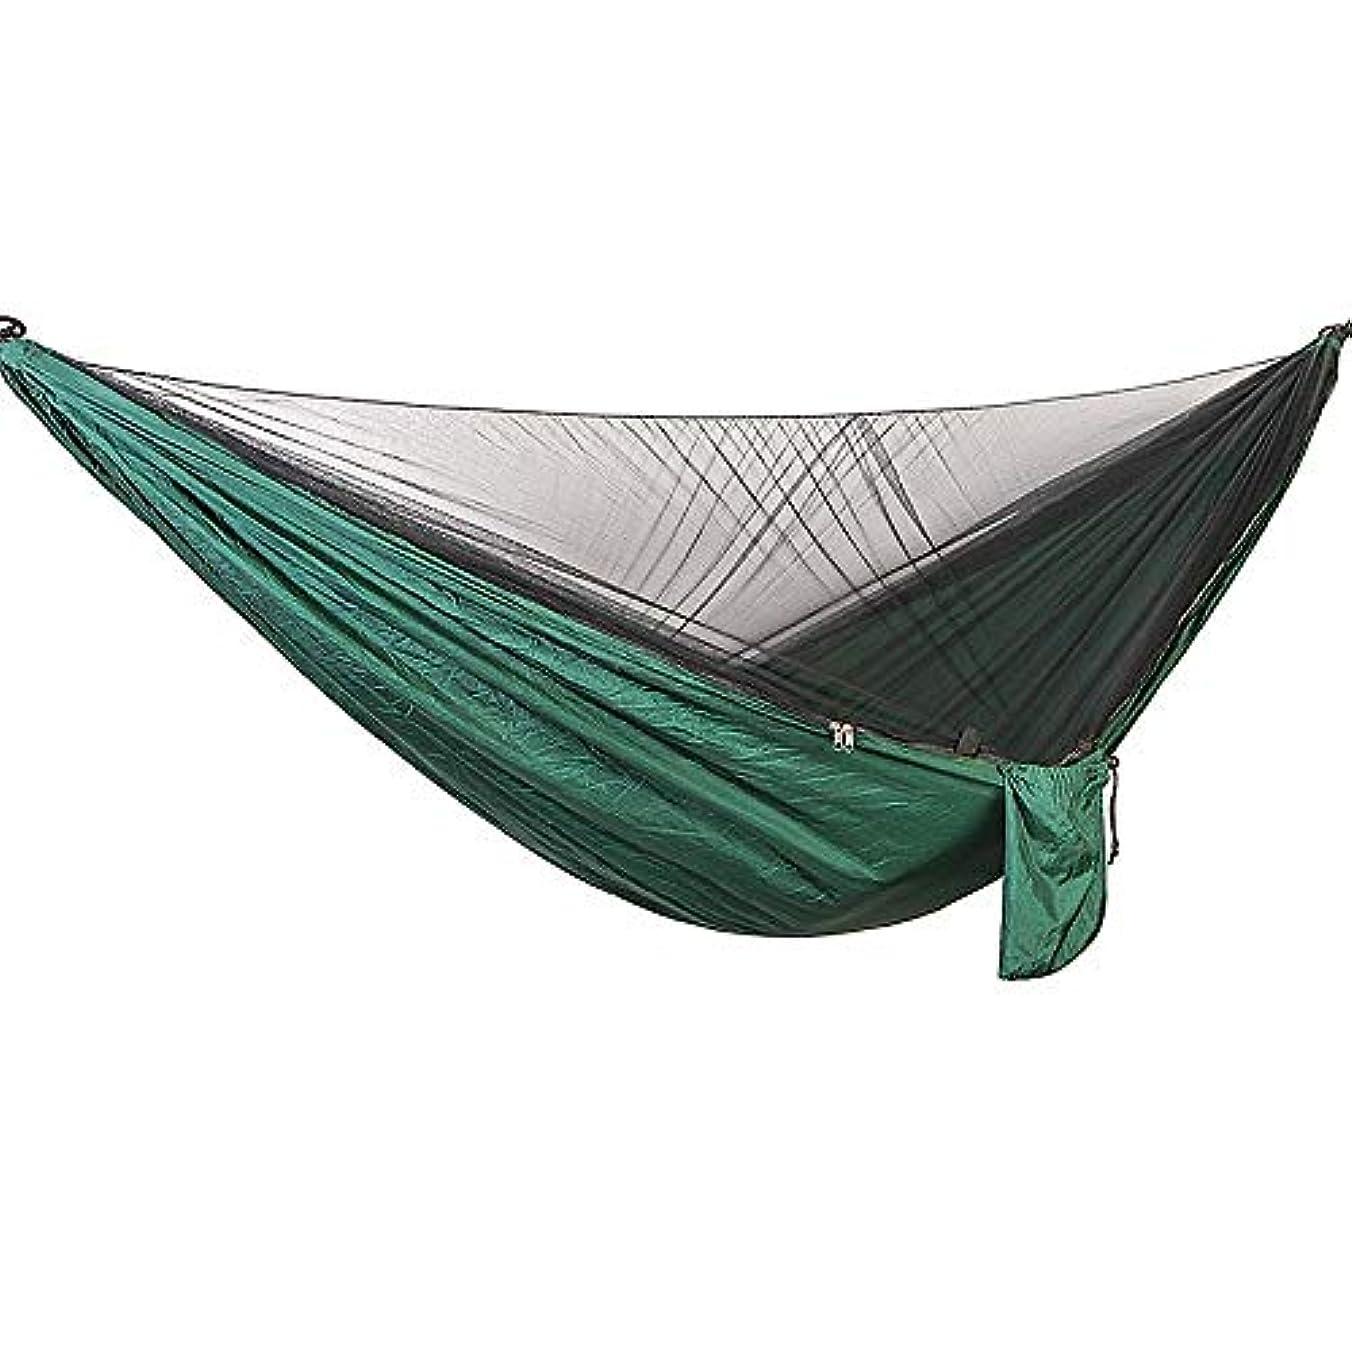 ファイル派生する座標キャンプのハンモック、バックパッキング旅行ビーチヤード屋外のための蚊帳が付いている携帯用軽量パラシュートナイロンハンモック